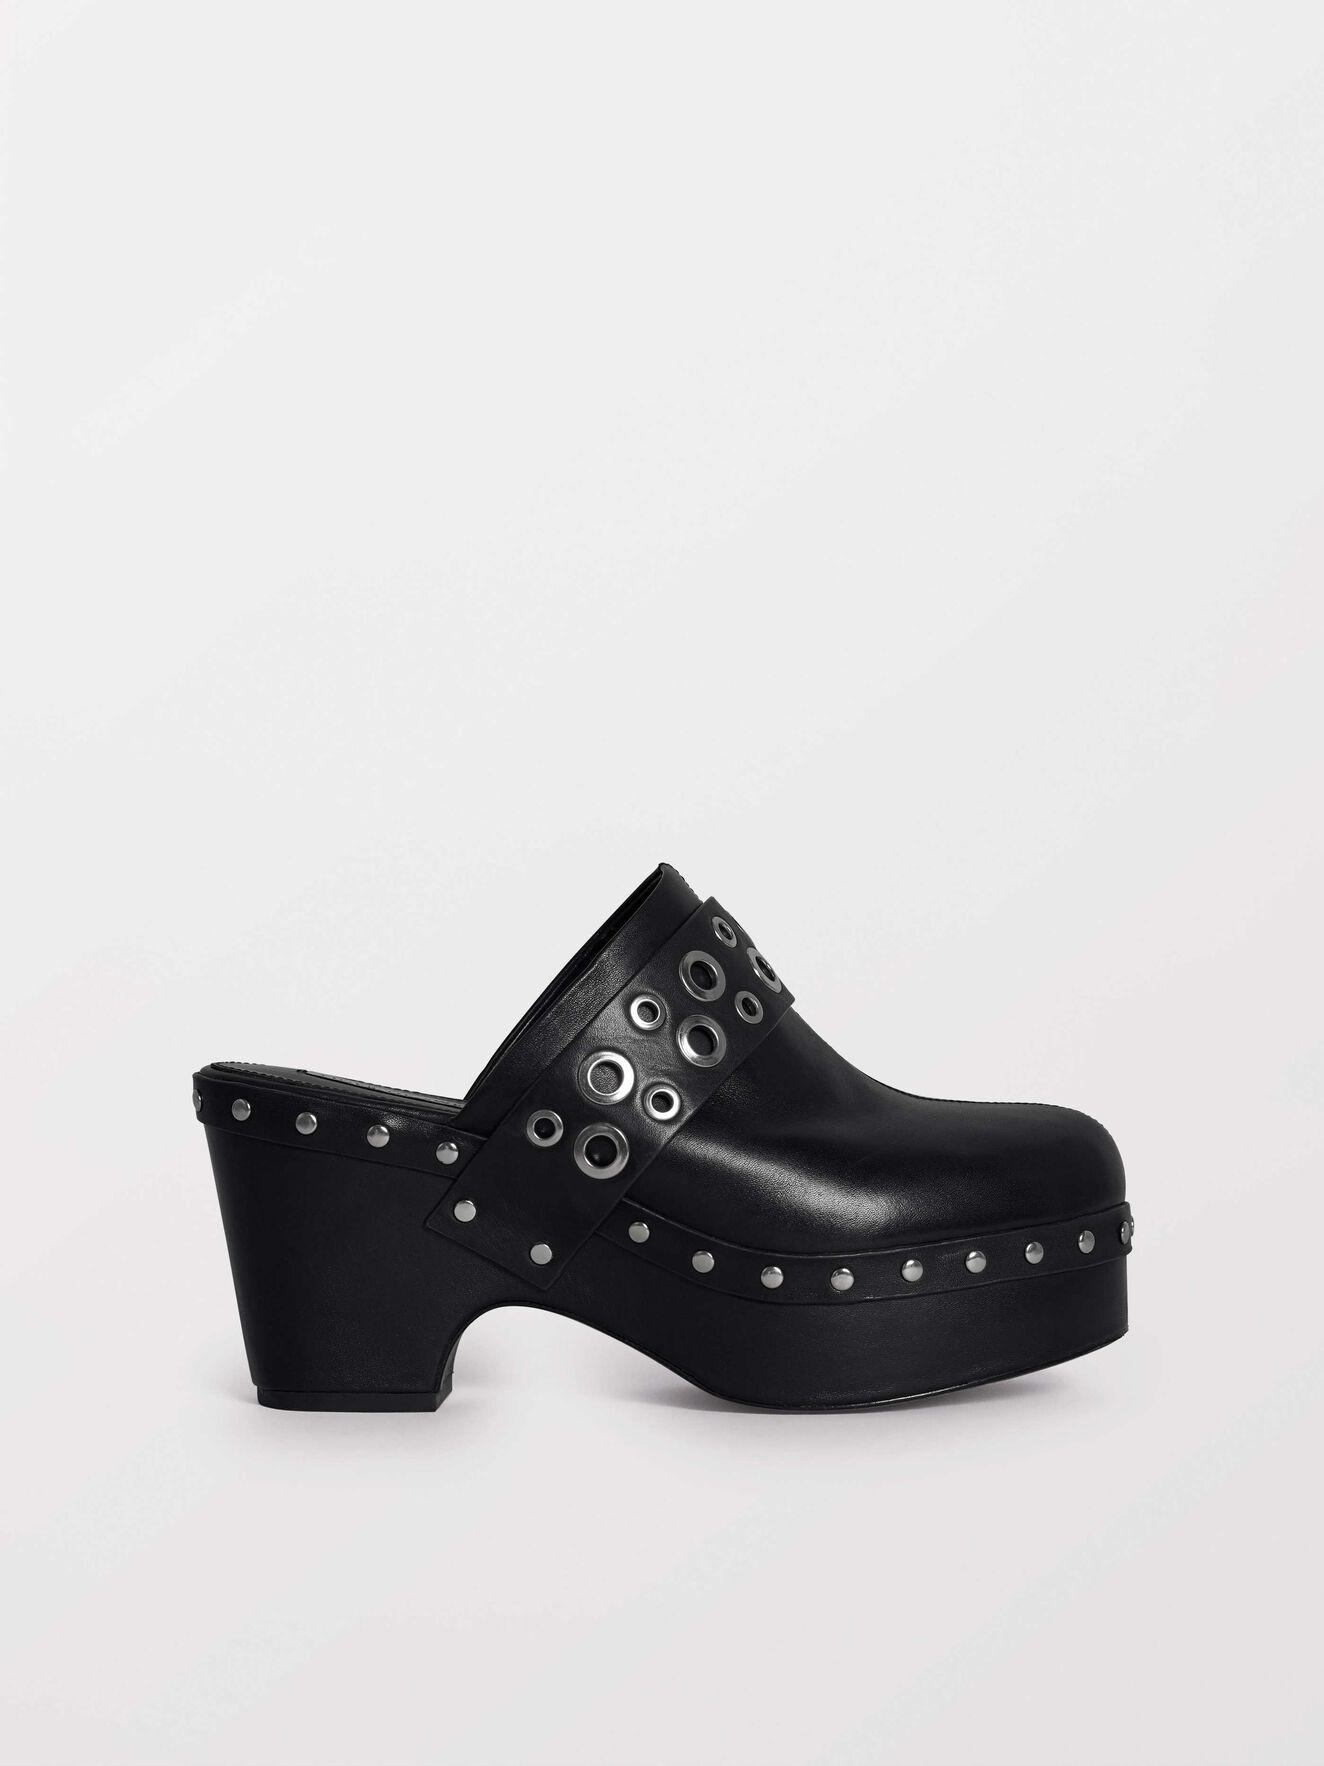 61786da73 Shoes - Shop women s designer shoes online at Tiger of Sweden